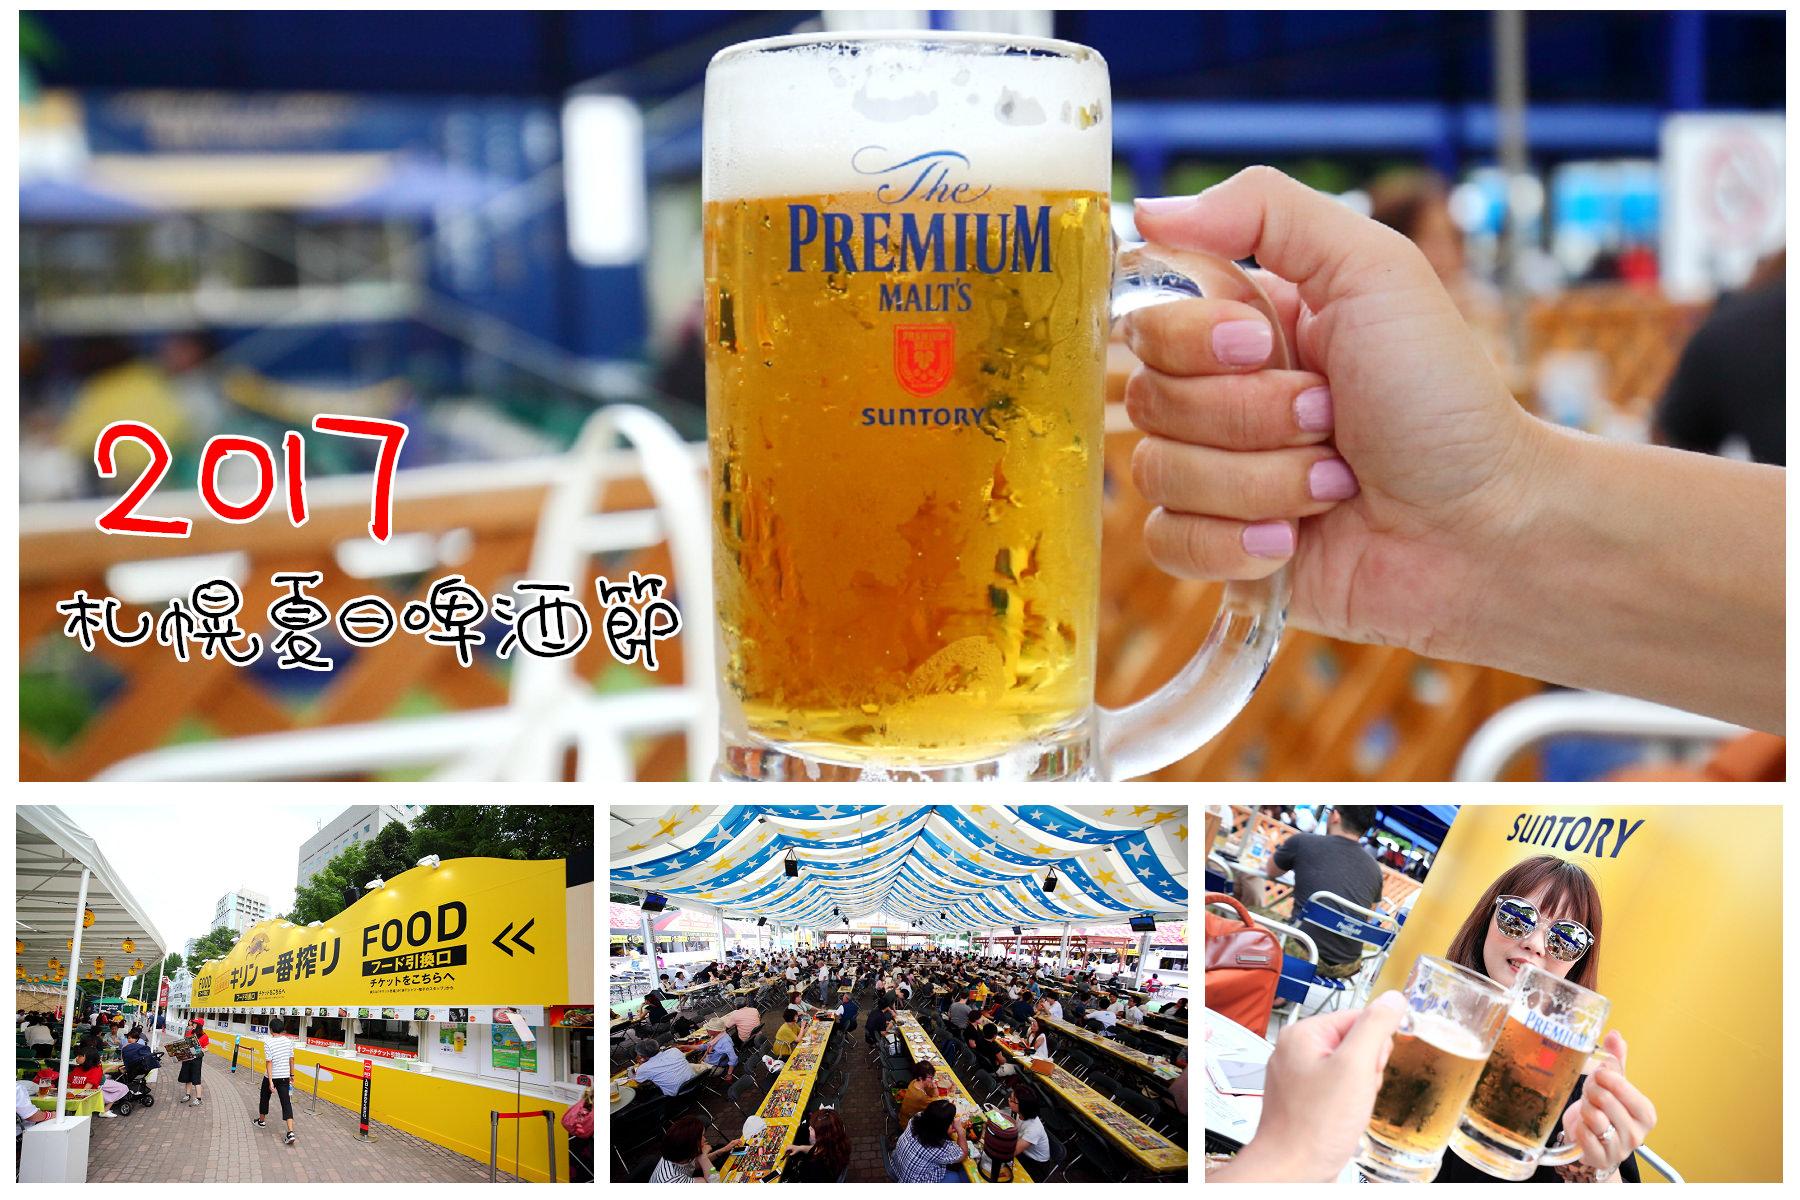 [北海道札幌]北海道夏天就是要喝啤酒!日本最大啤酒節,沉浸北海道啤酒海洋~2017年札幌大通公園啤酒節